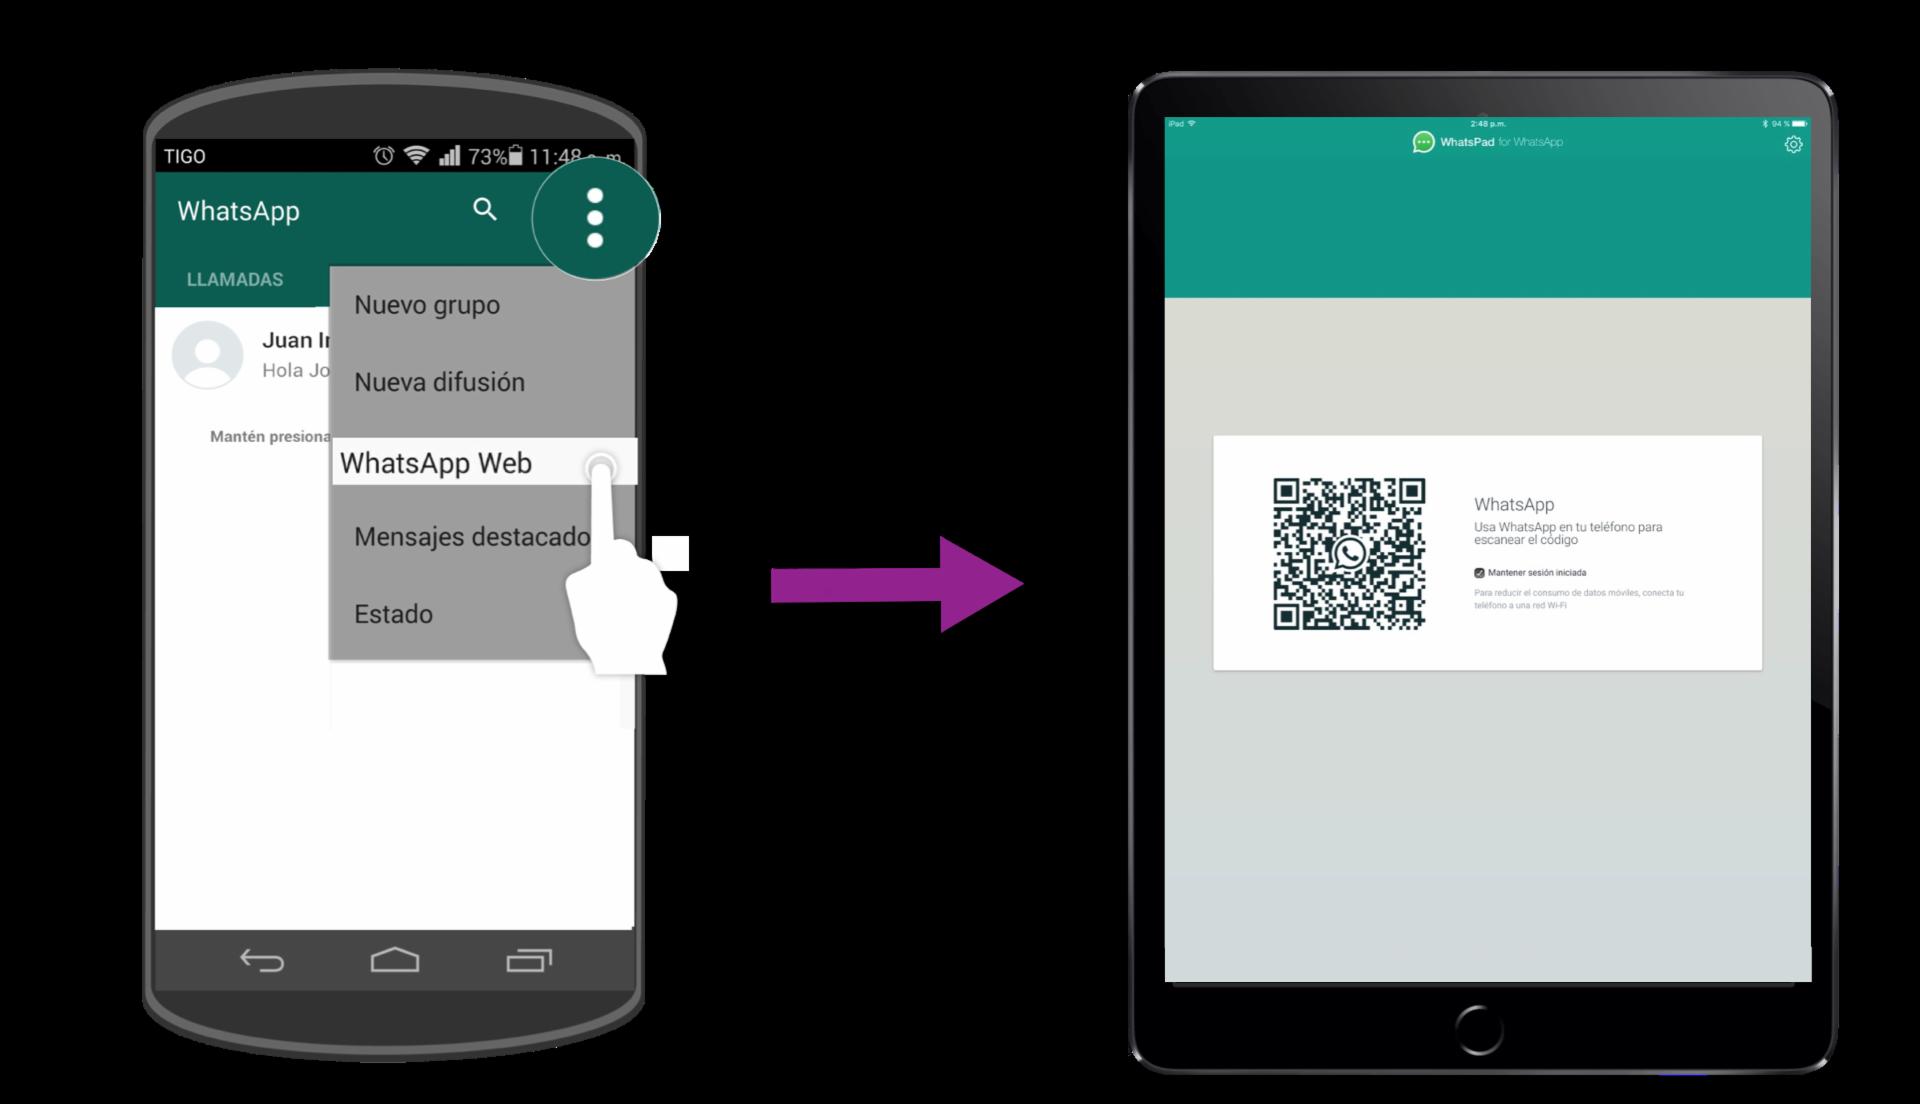 Con tu celular escanea el código QR que te aparece en la pantalla de tu iPad